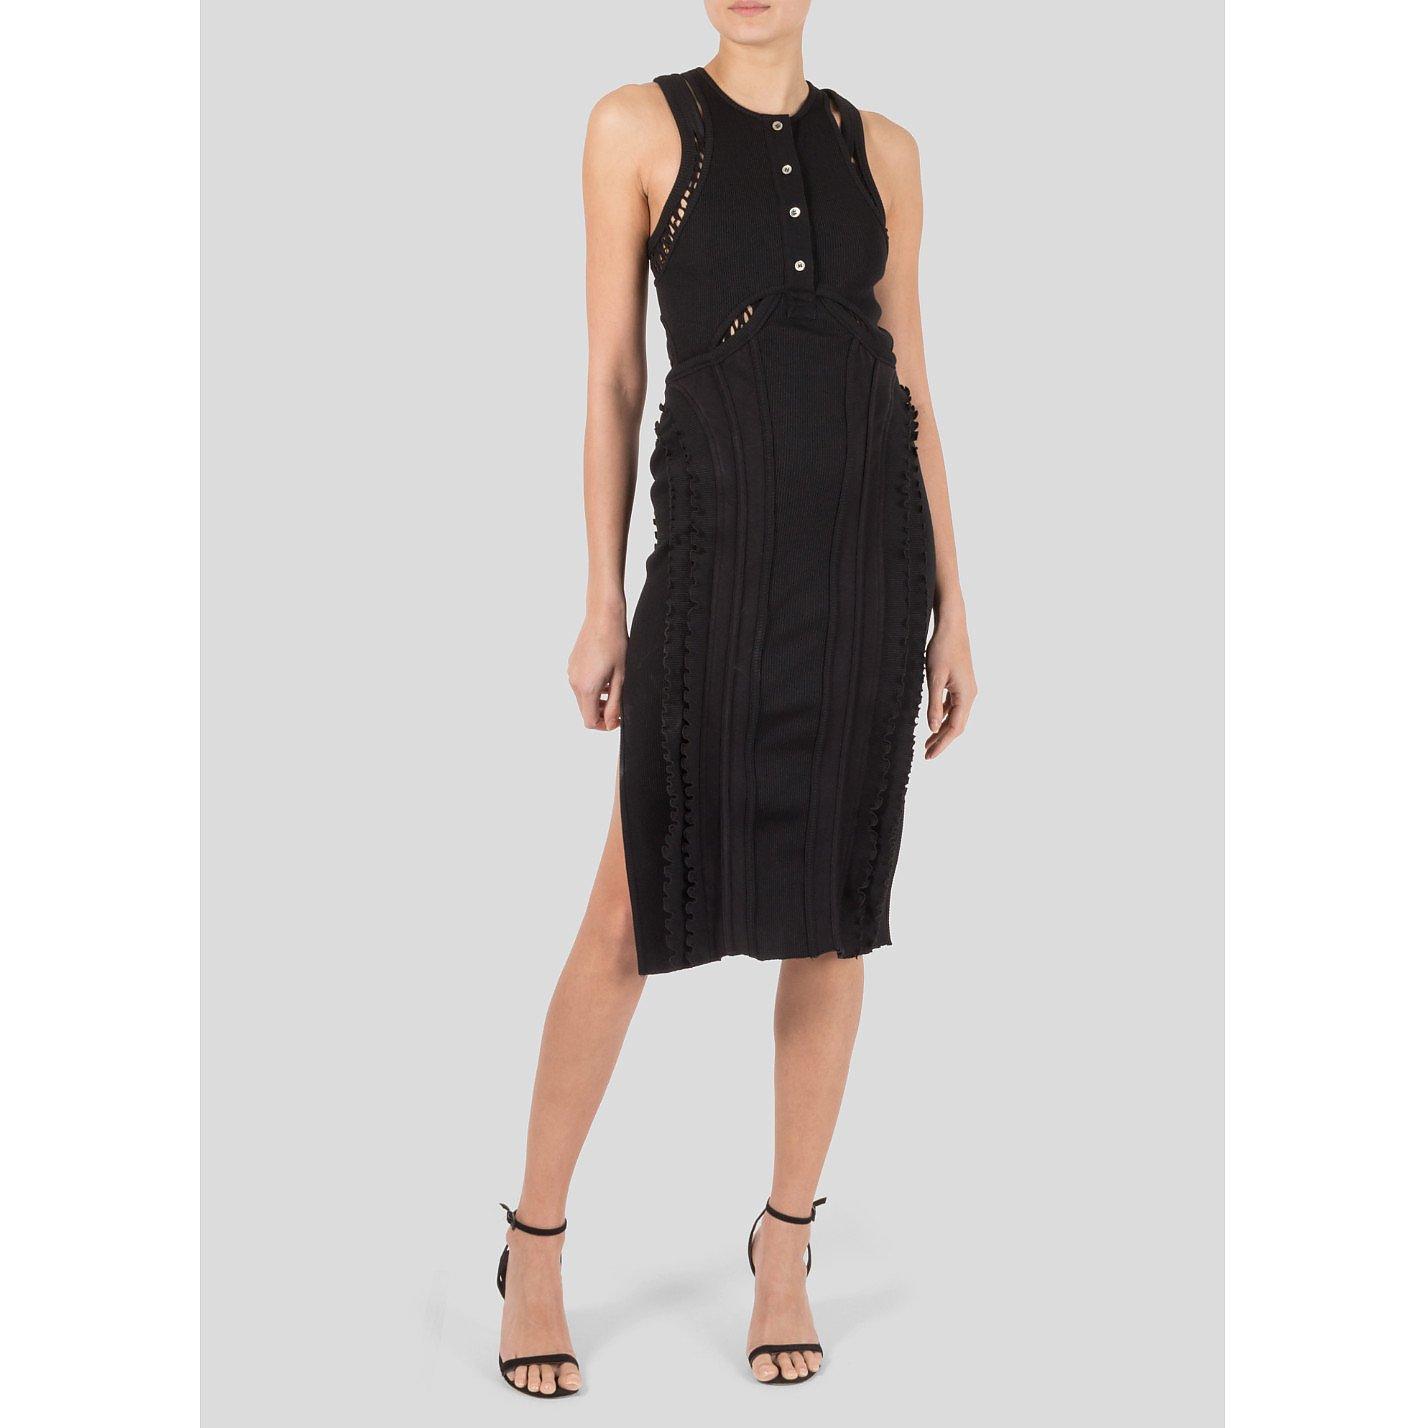 Alexander Wang Sleeveless Cutout Dress